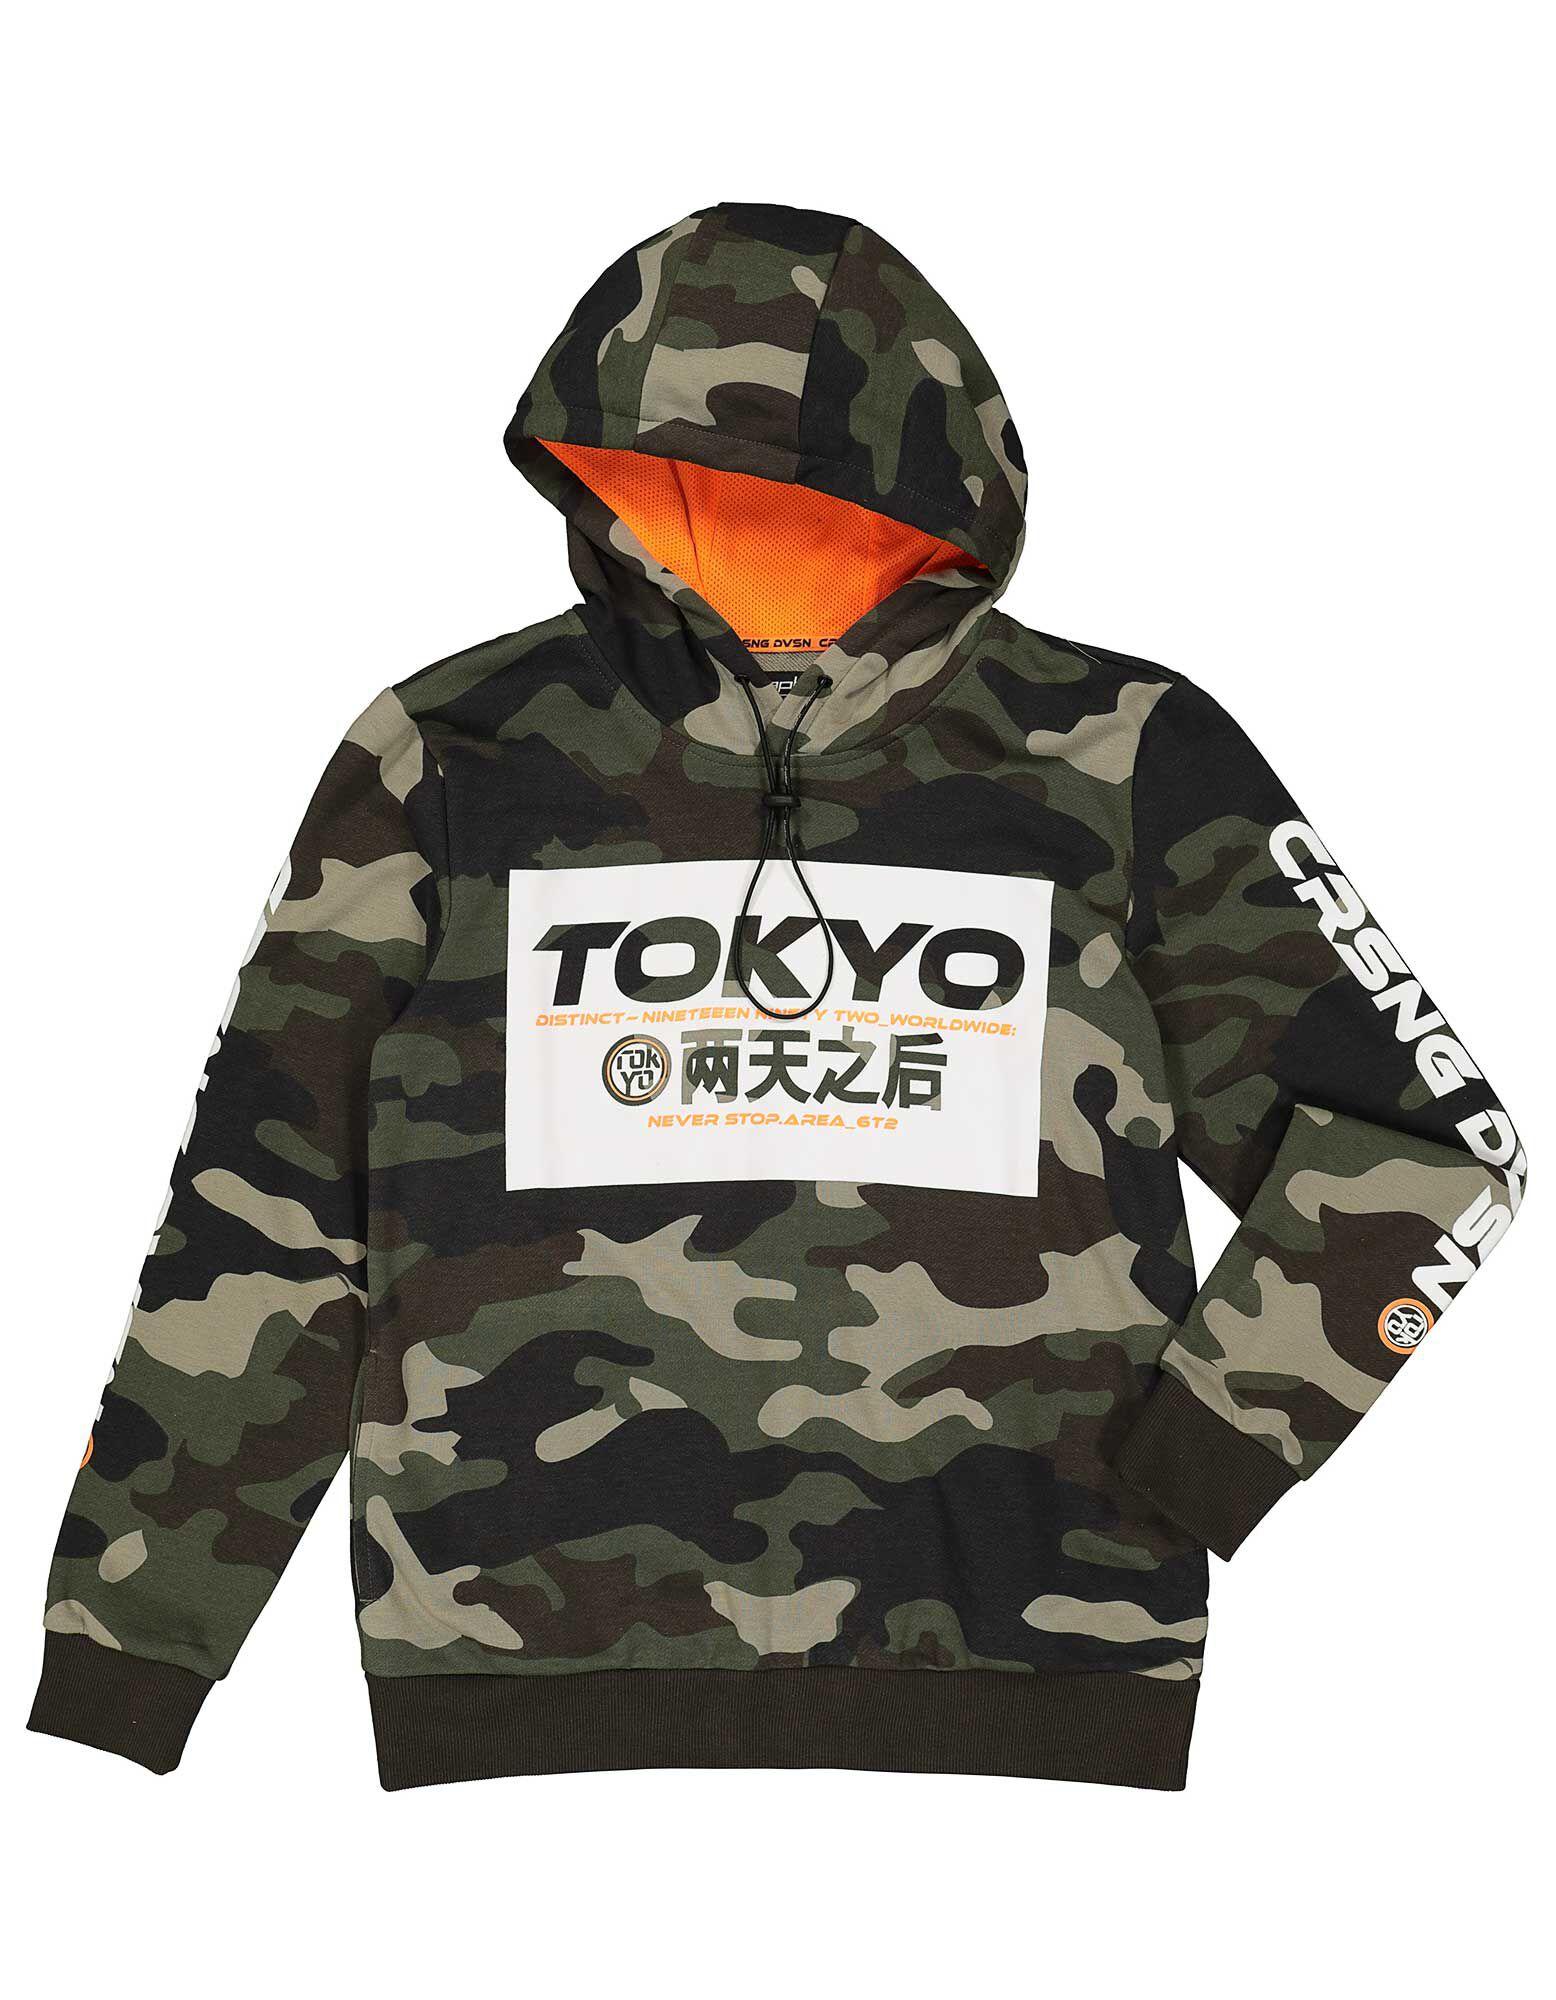 Herren Sweatshirt mit Tunnelzug an der Kapuze Takko Fashion